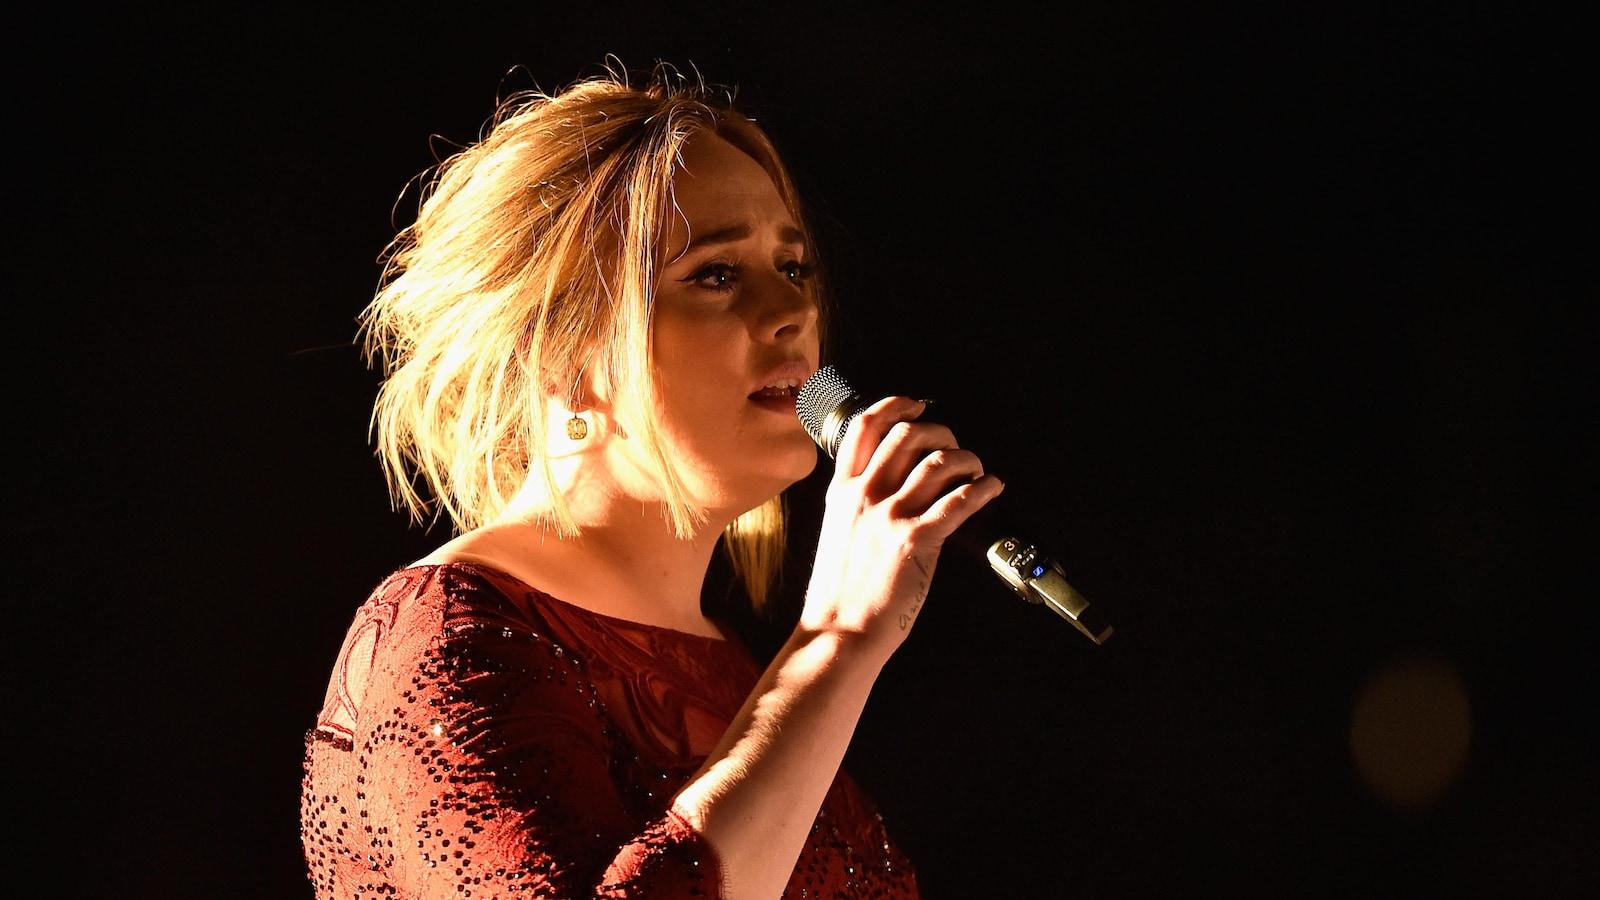 La chanteuse Adele chante sur scène vêtue d'une robe rouge lors de la cérémonie de remise des prix Grammy en 2016.